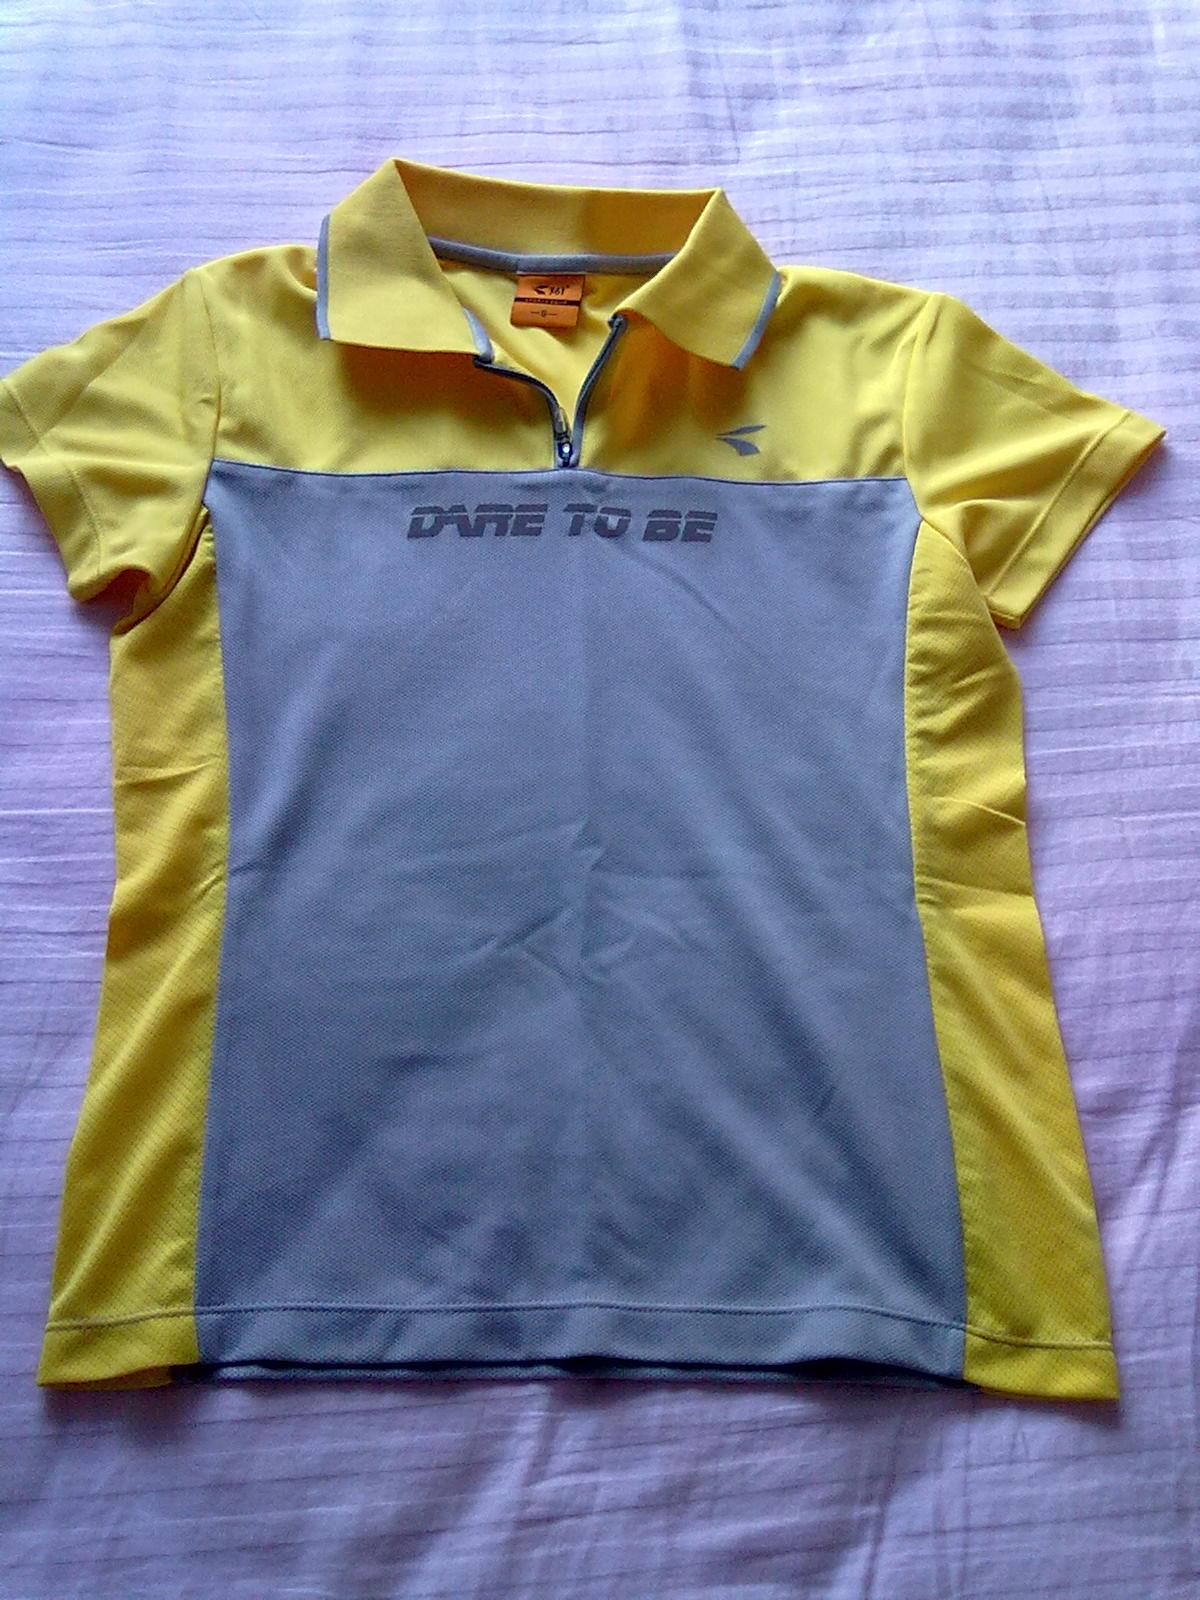 361度运动服套装 361儿童运动服套装